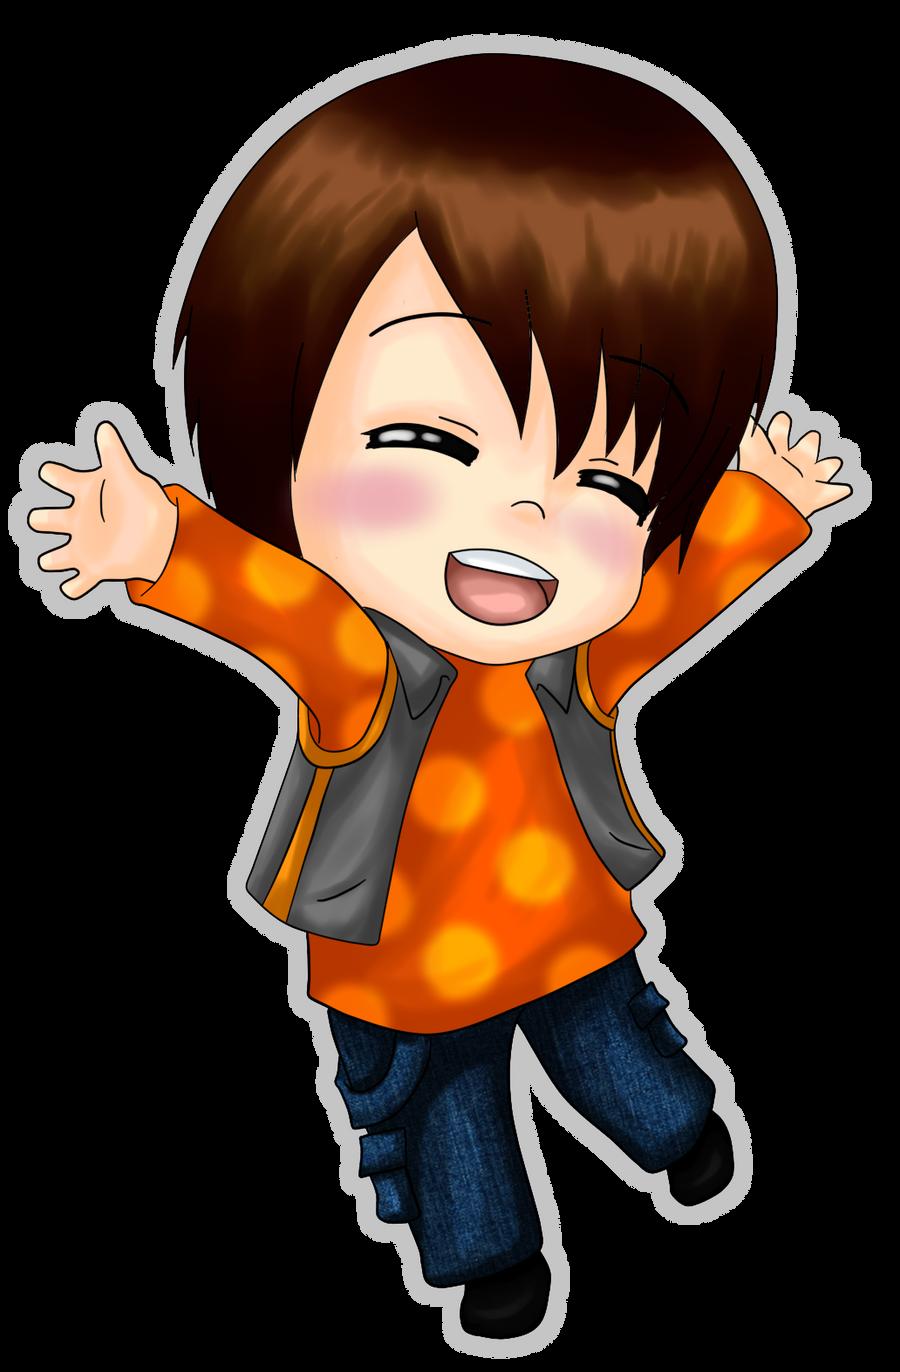 .: Happy Chibi Kim :. by OhAnika on DeviantArt